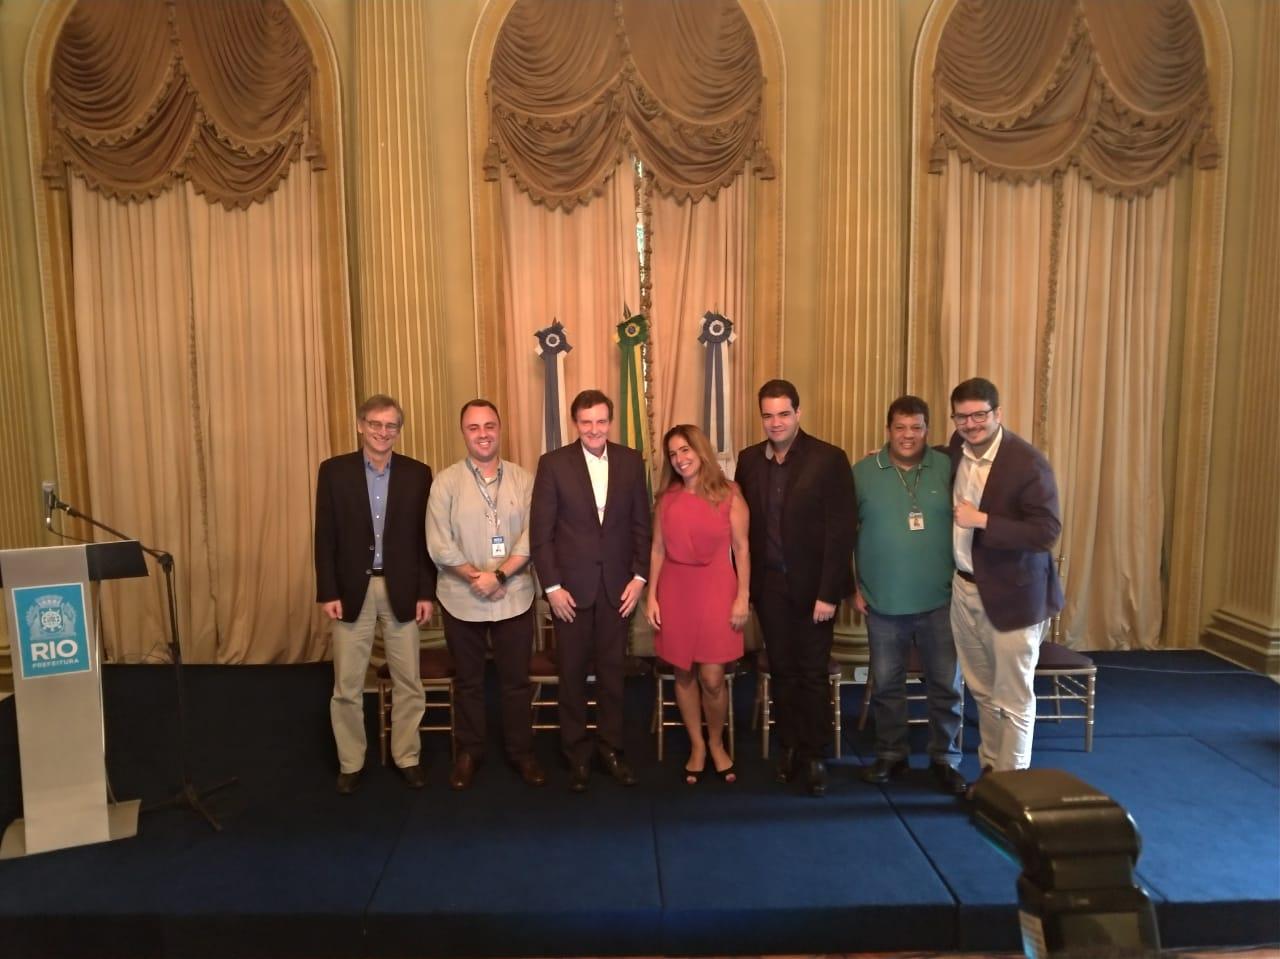 Crivella lança a plataforma digital Adote.Rio, programa para a adoção de áreas públicas